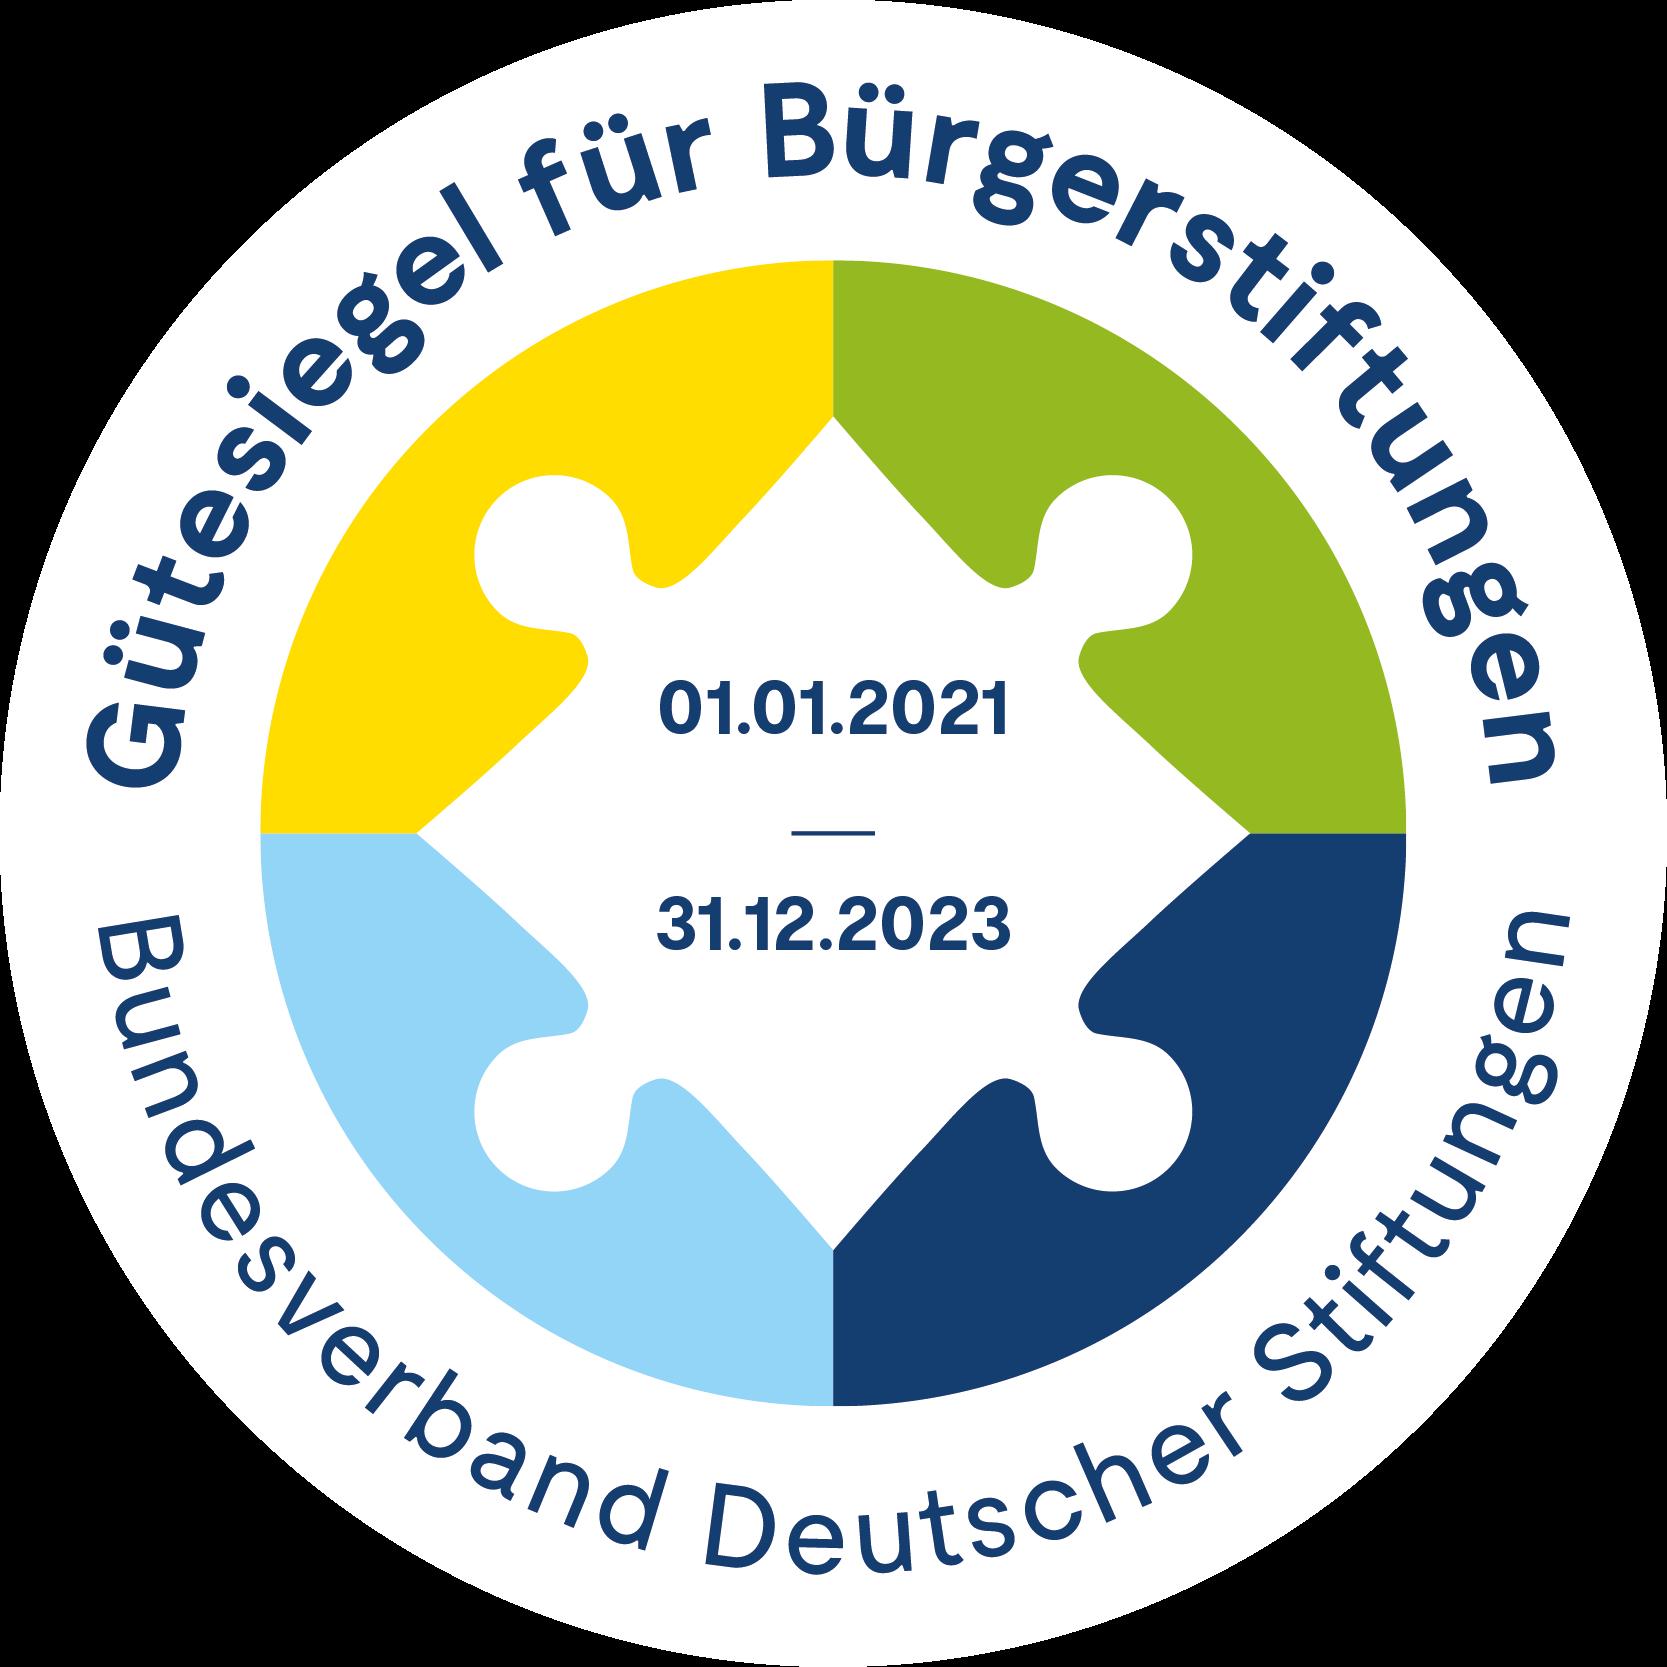 Logo des Gütesiegel für Bürgerstiftung des Bundesverband Deutscher Stiftungen, gültig vom 01.01.2021 bis 31.12.2023